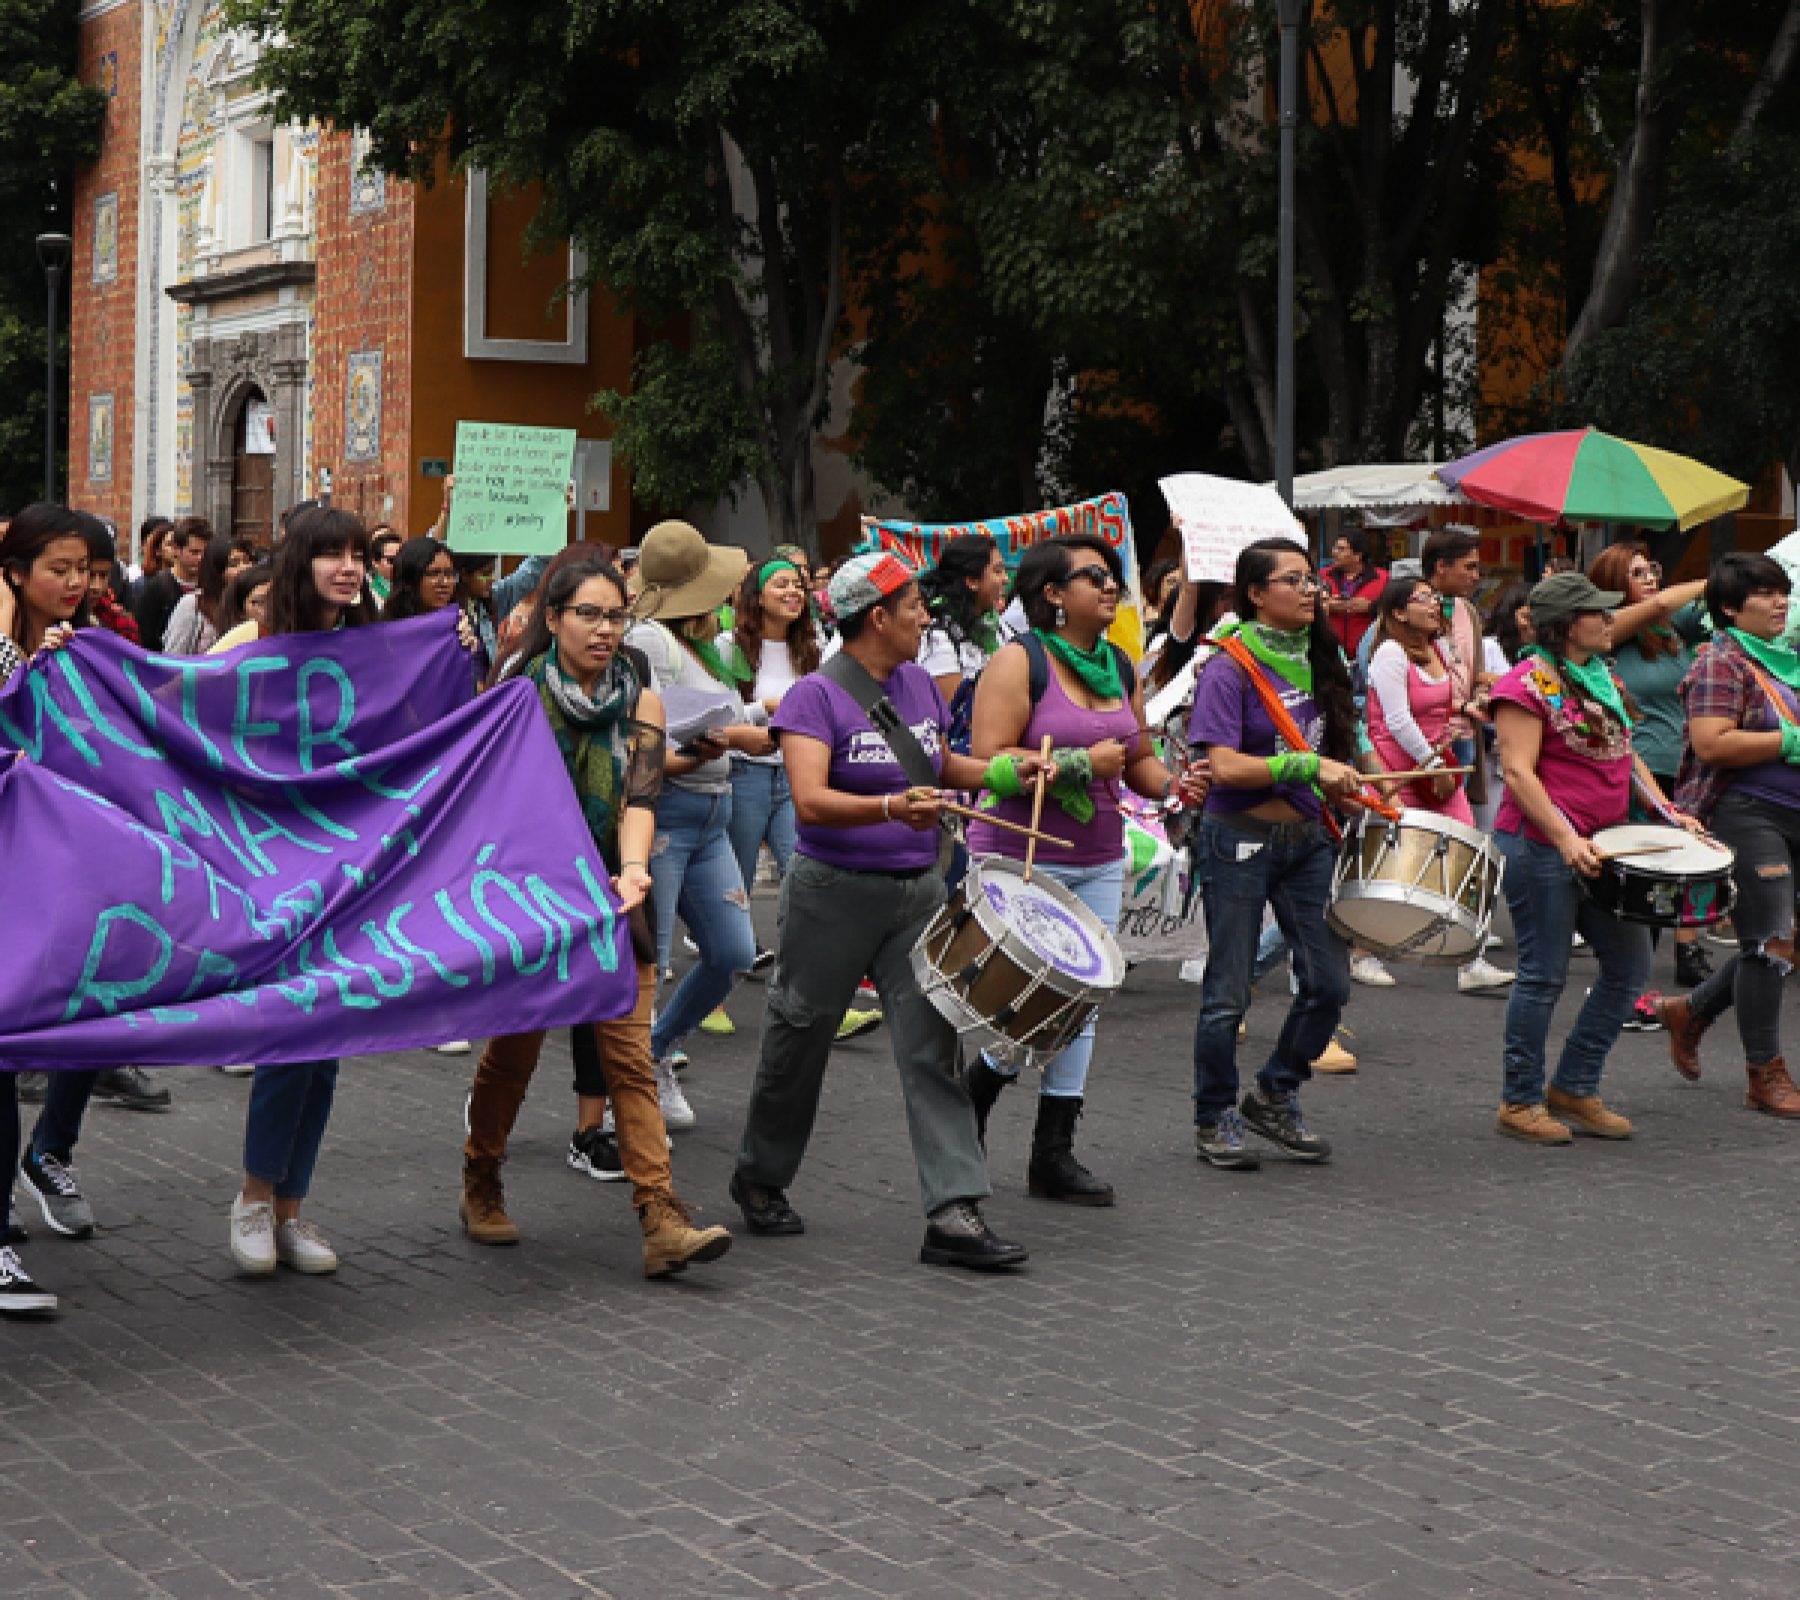 La Batucada Lencha Manas, en una protesta realizada el 28 de agosto de 2018, Día de Acción Global por la Despenalización del Aborto. Fotografía: Brenda Palacios.